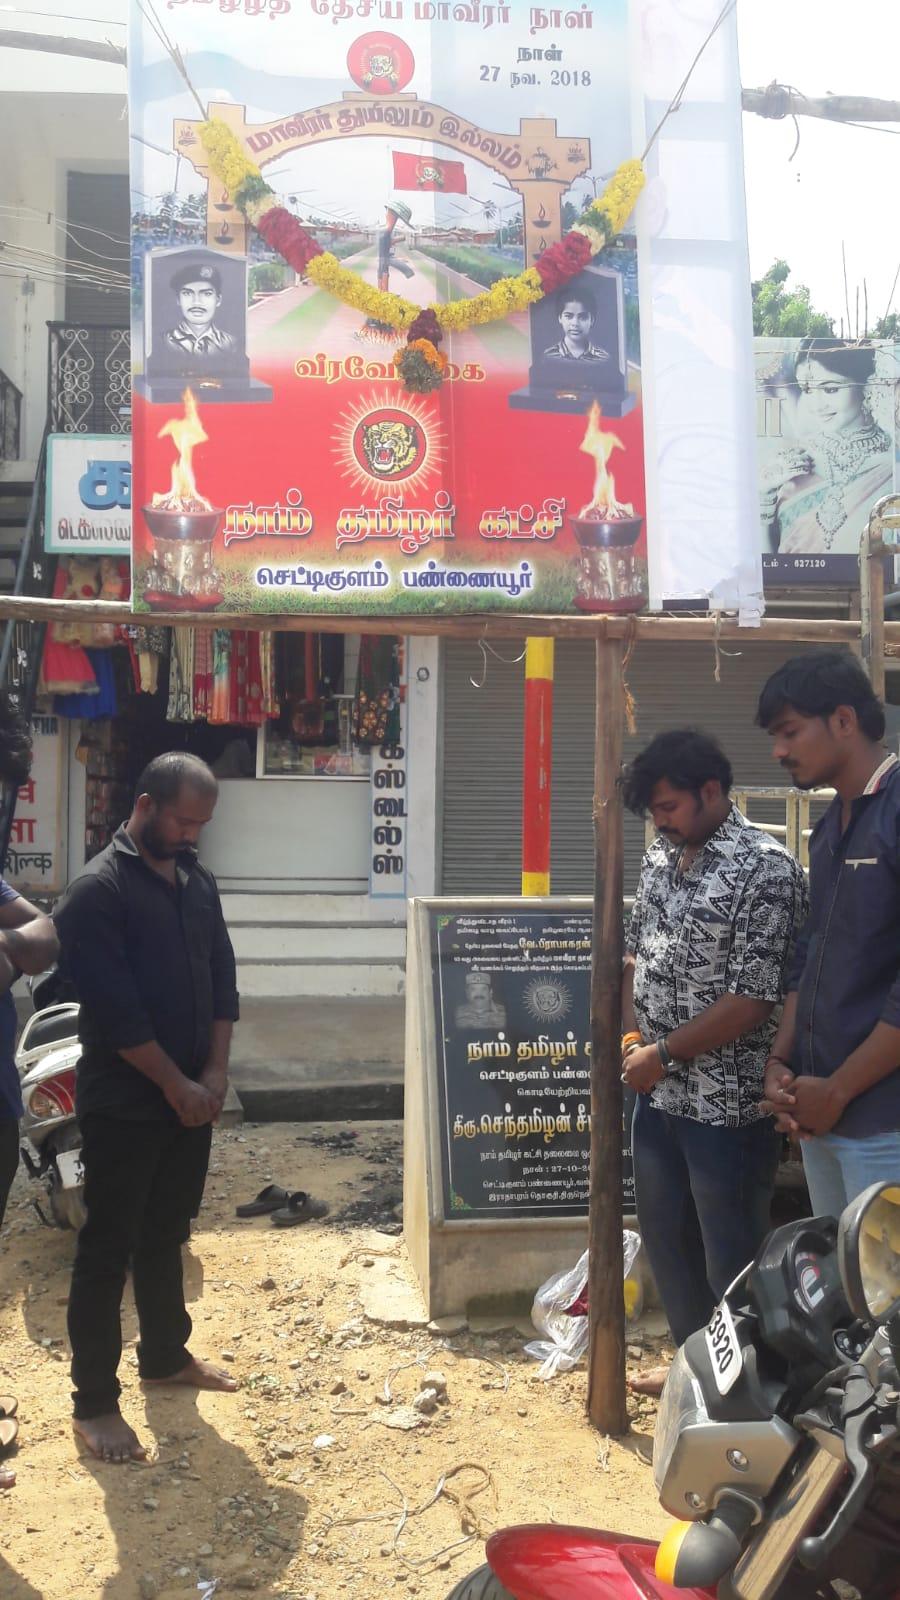 மாவீரர் நாள் அனுசரிப்பு-இராதாபுரம் சட்டமன்ற தொகுதி